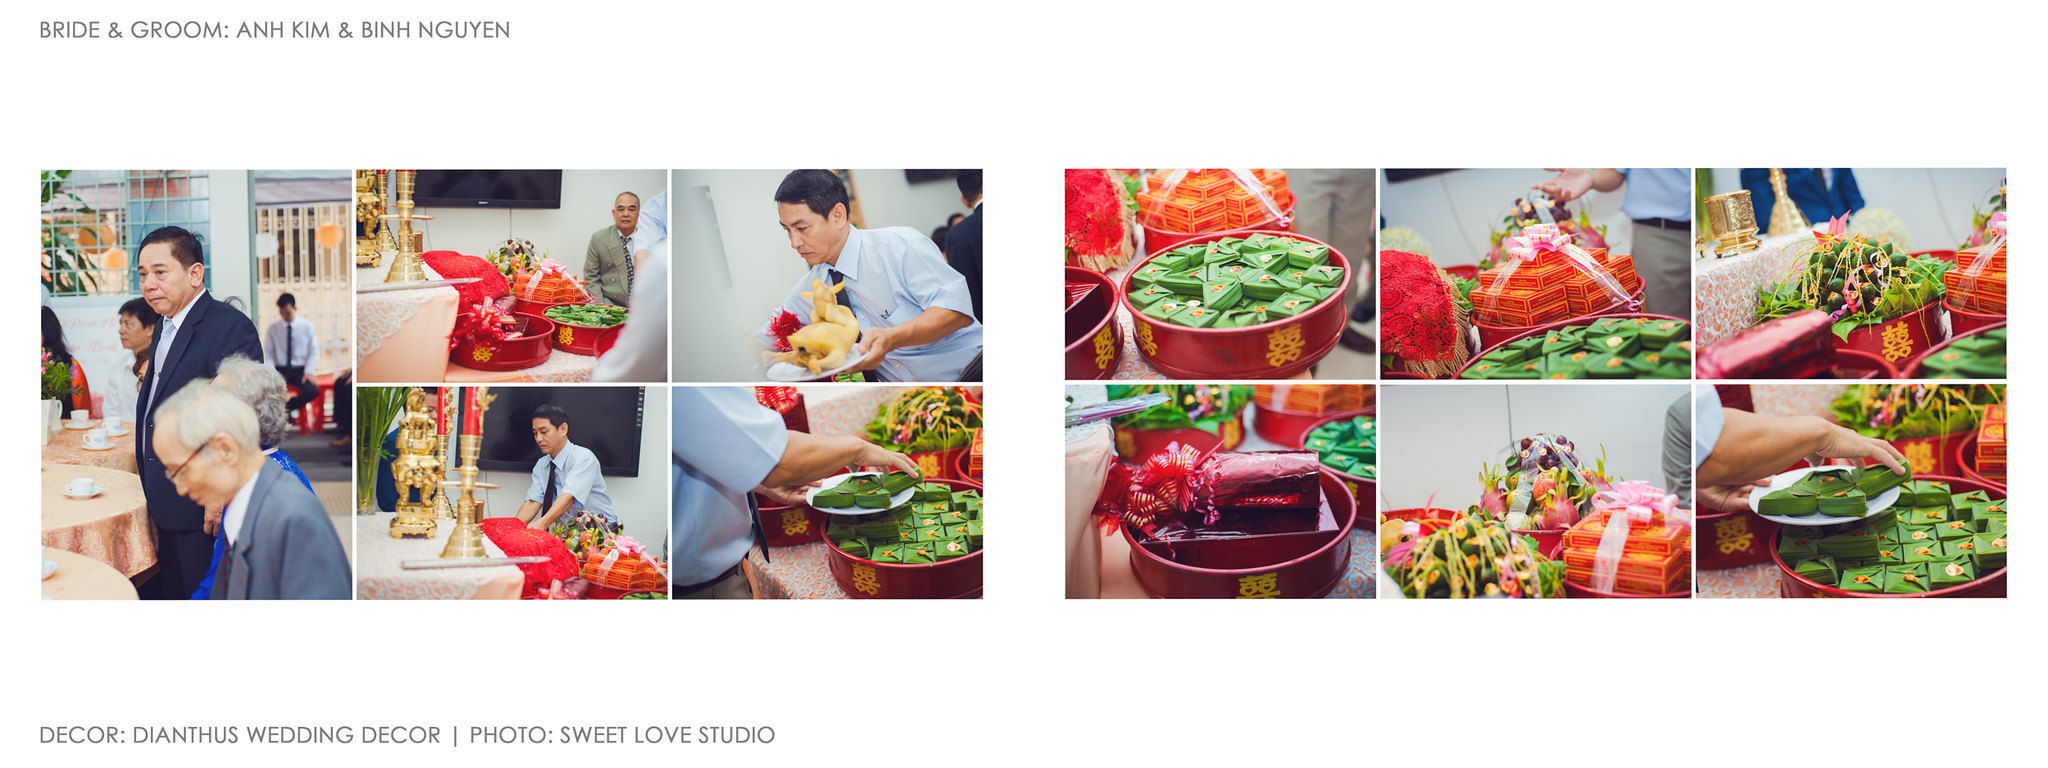 Chup-anh-cuoi-phong-su-Anh-Kim-Binh-Nguyen-09